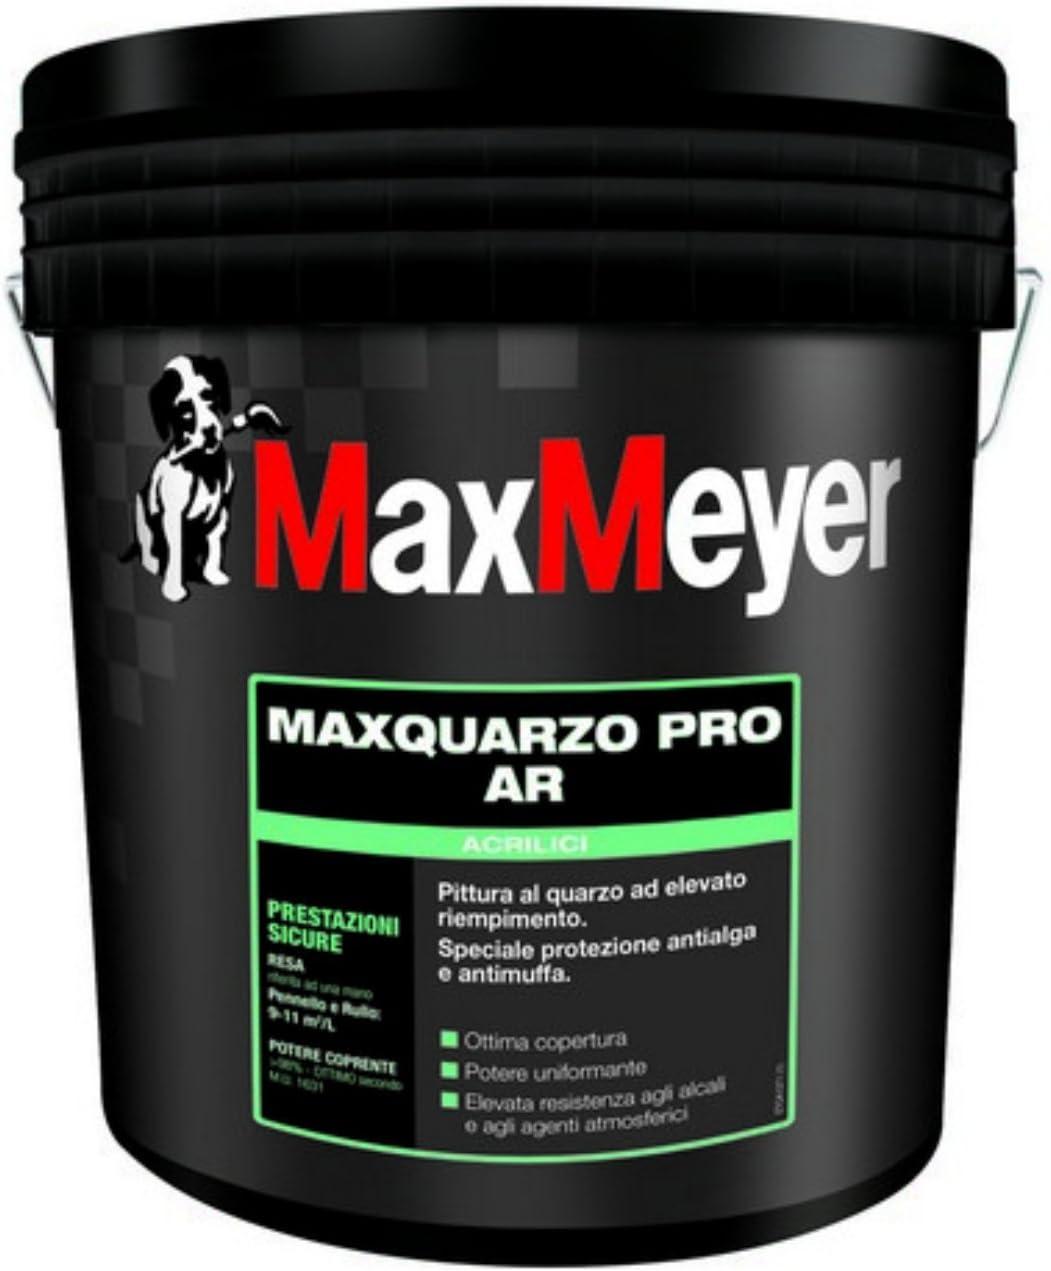 Maxquarzo Pro Ar Pittura Al Quarzo Ad Alto Riempimento Bianco Per Esterno Lt 14 Max Meyer Amazon It Fai Da Te